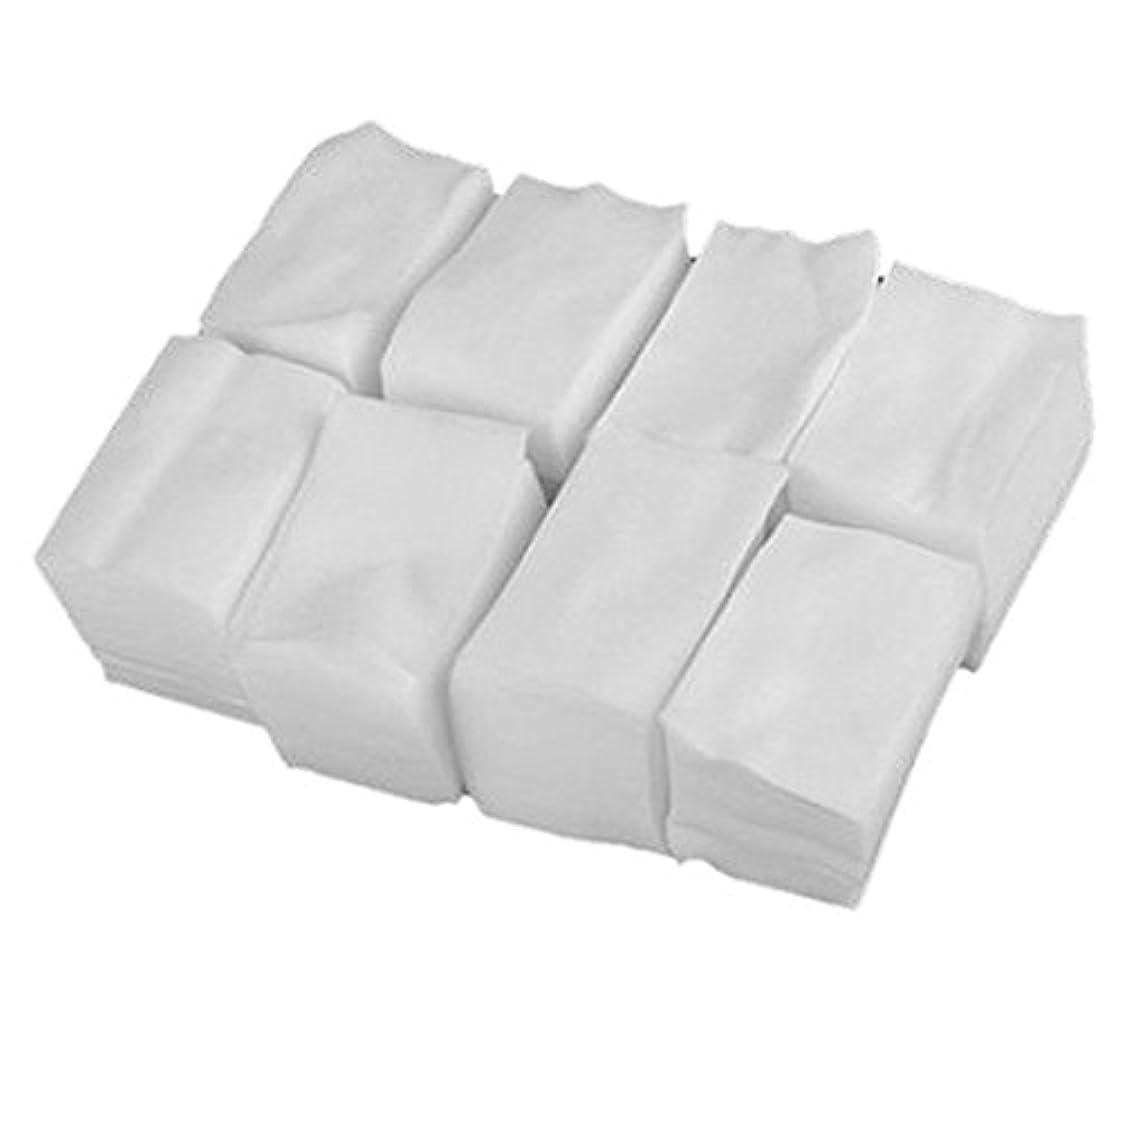 スイングアブセイ彼らのものCUHAWUDBA 900x白いリントフリーネイルアート ワイプ紙パッド ゲルアクリルのヒント ポリッシュリムーバークリーナー(6cm x 5cm)